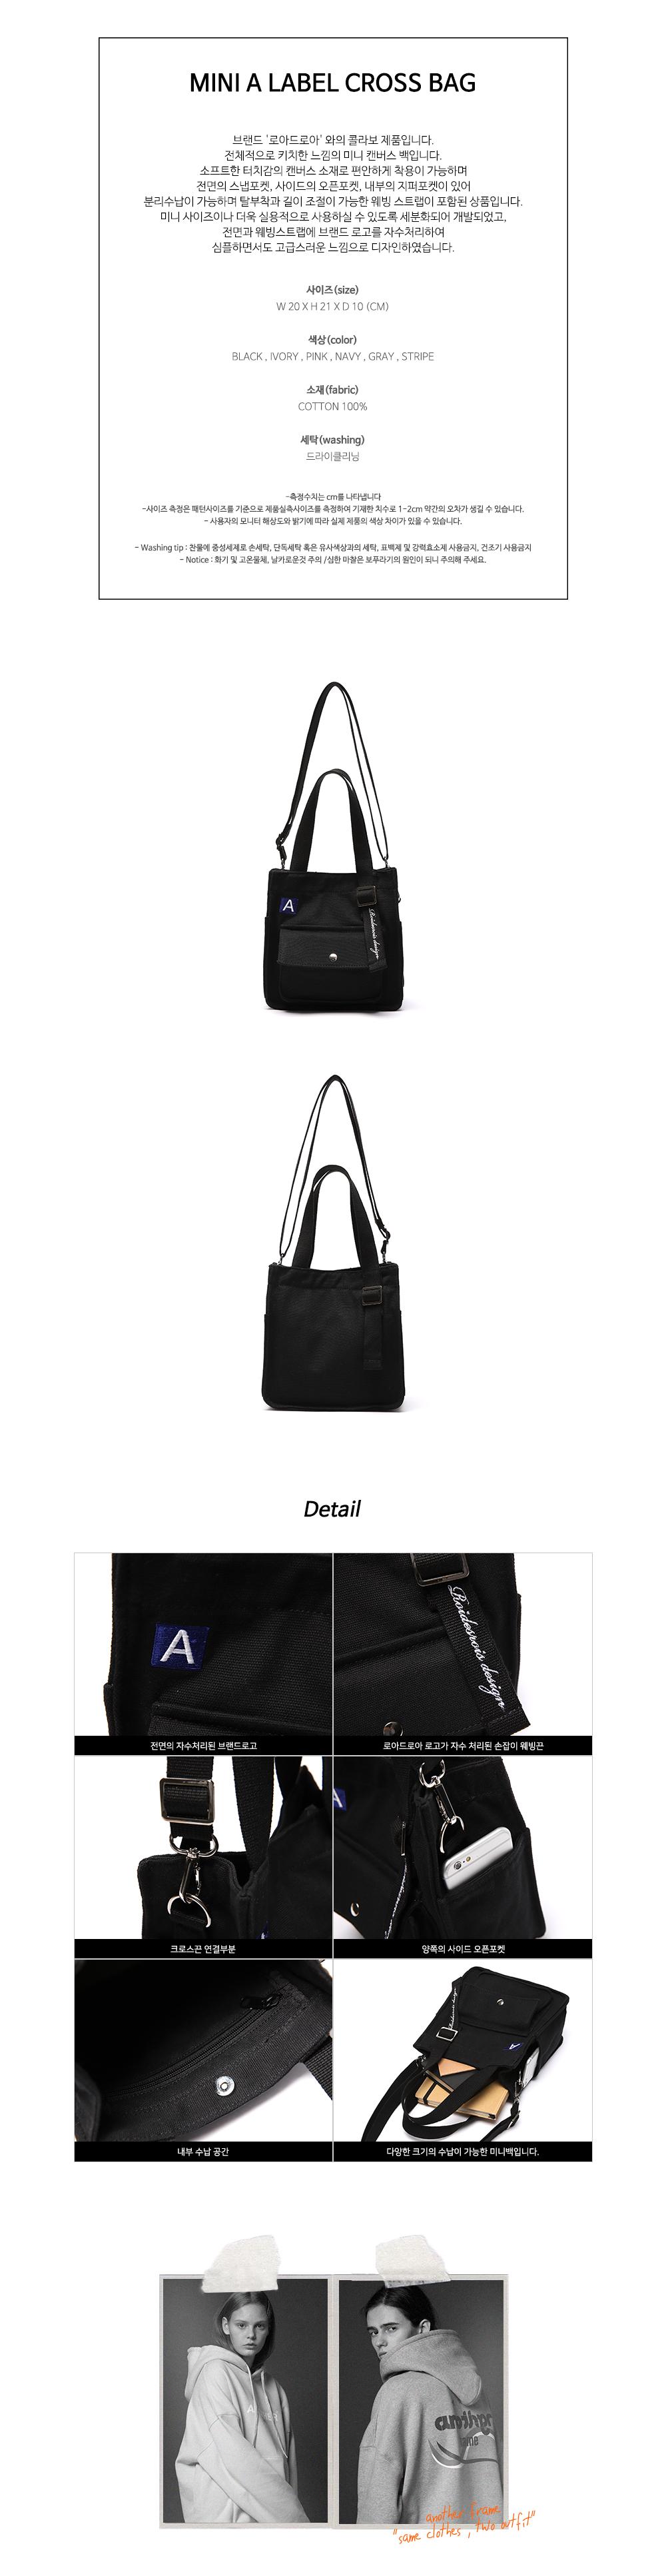 어나더프레임X로아드로아 MINI A LABEL CROSS BAG (BLACK) 미니백 크로스백 숄더백 가방